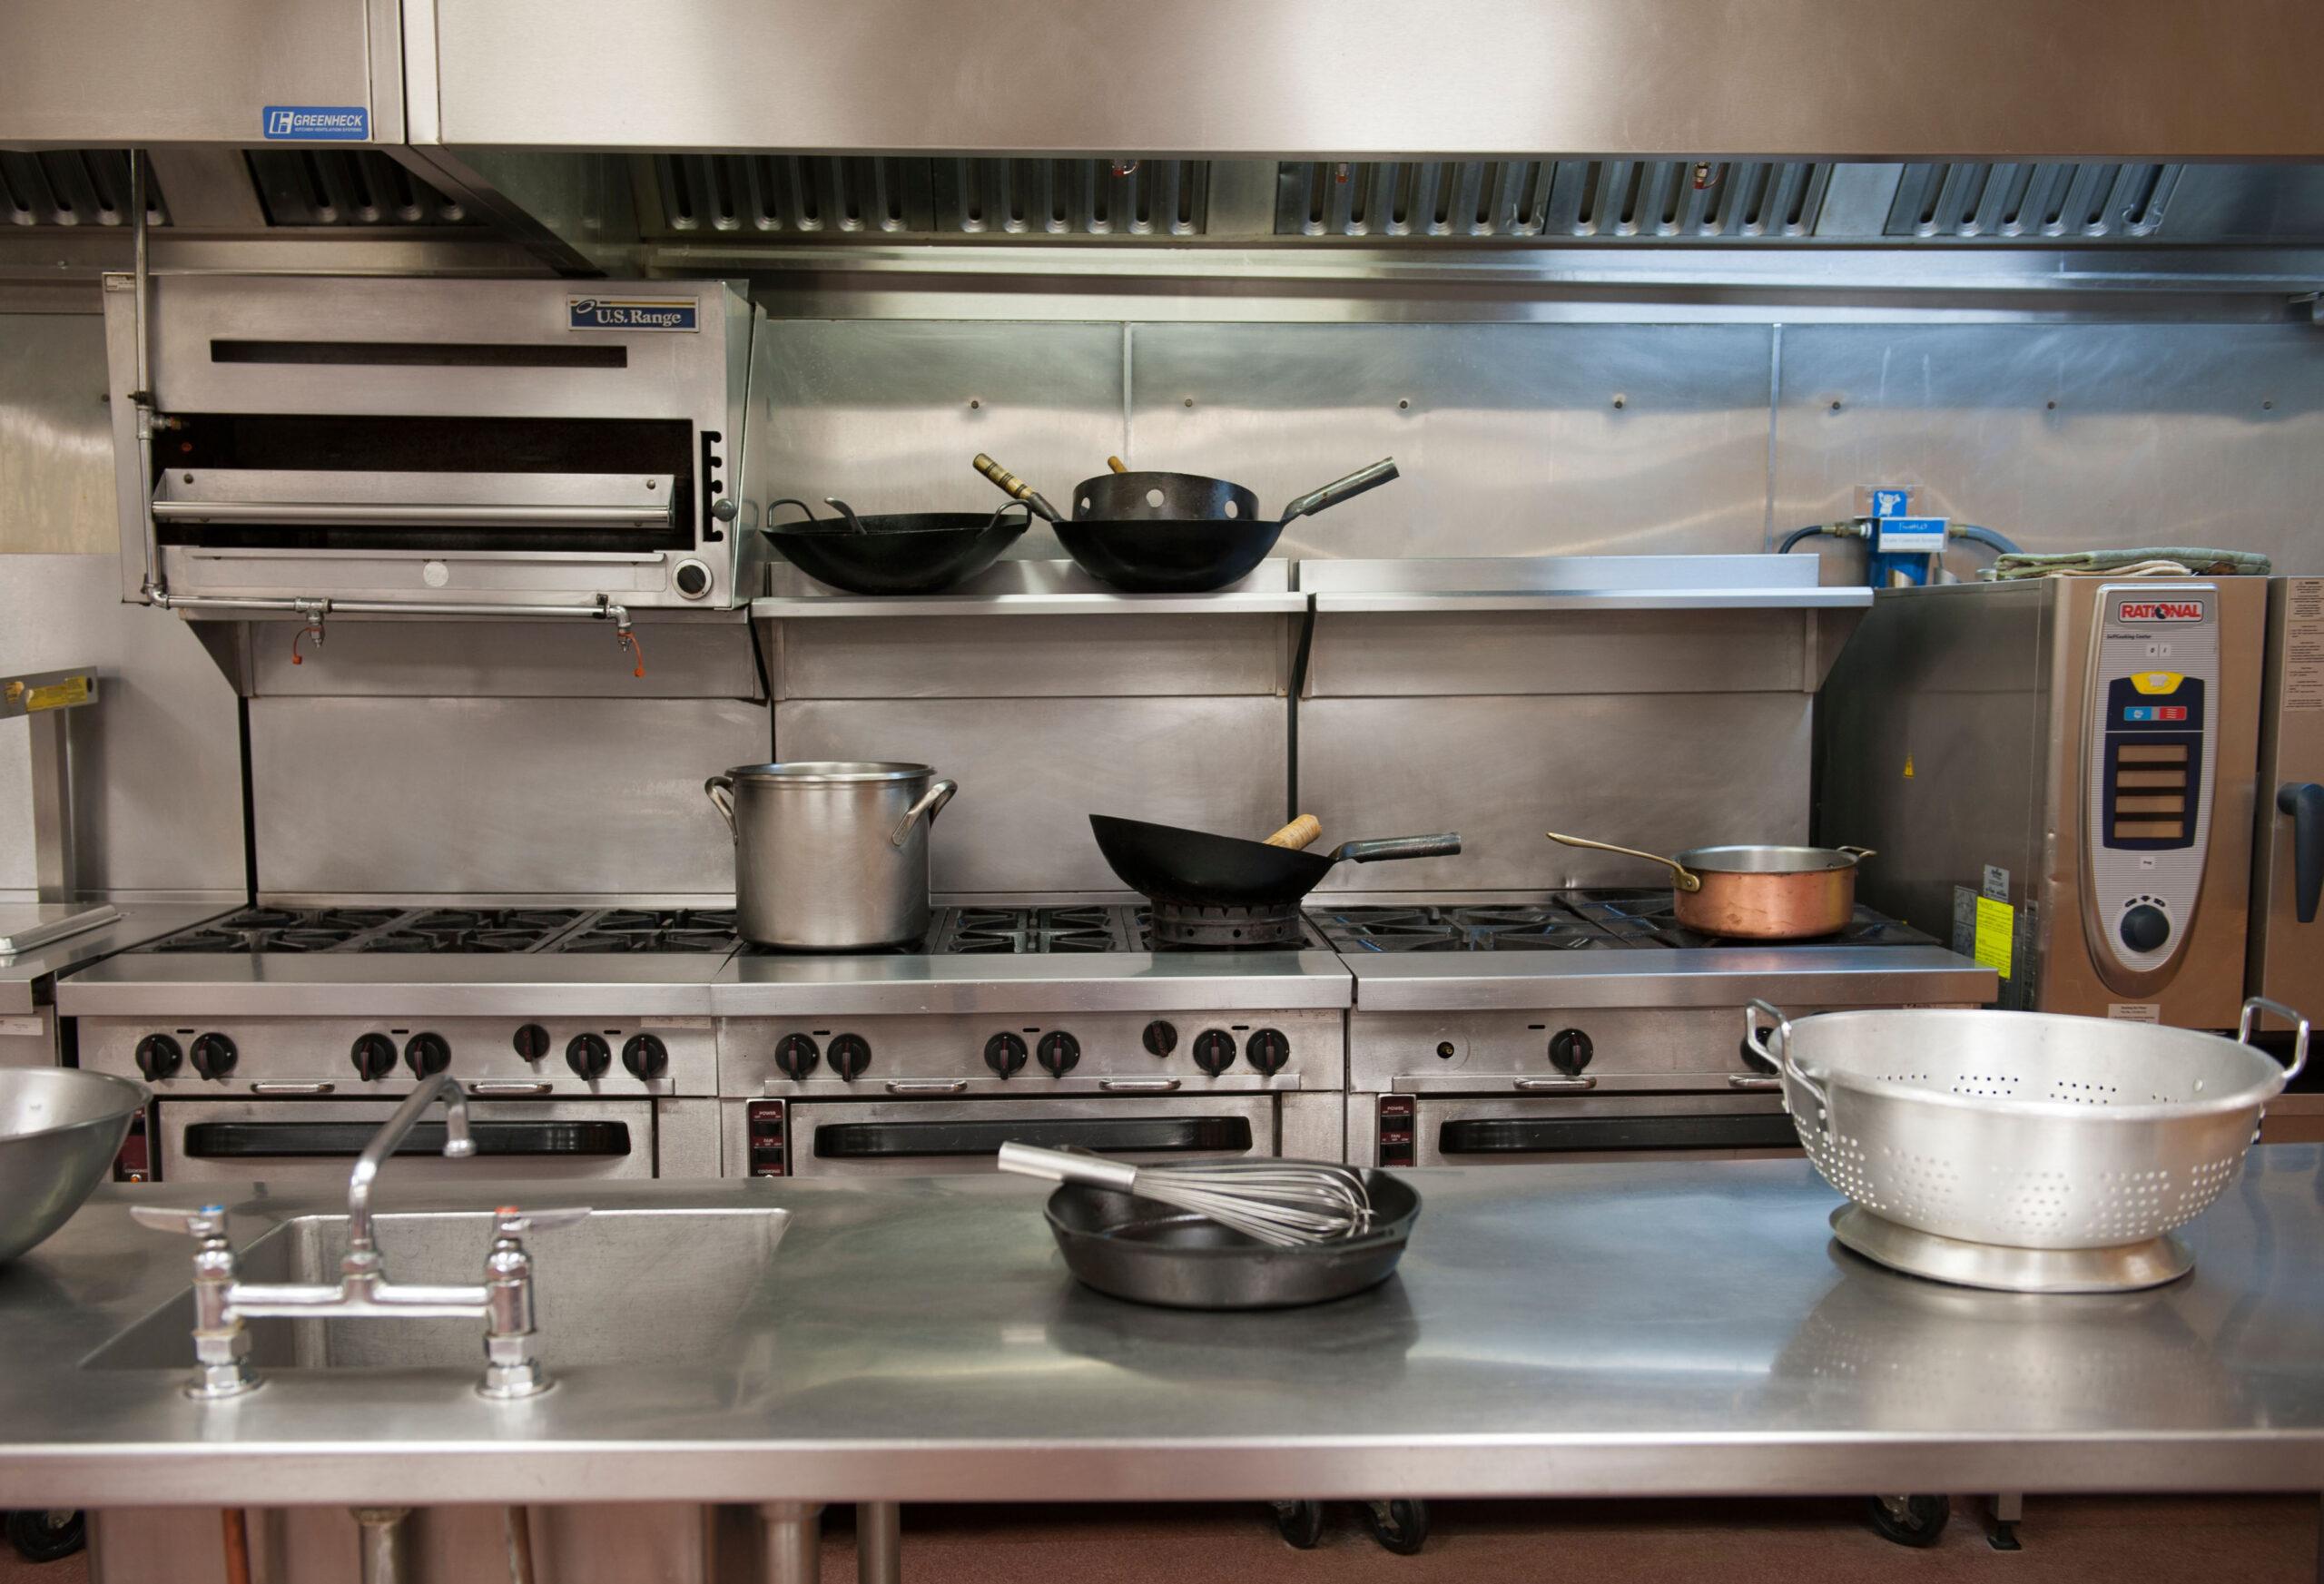 Professional kitchen restaurant food